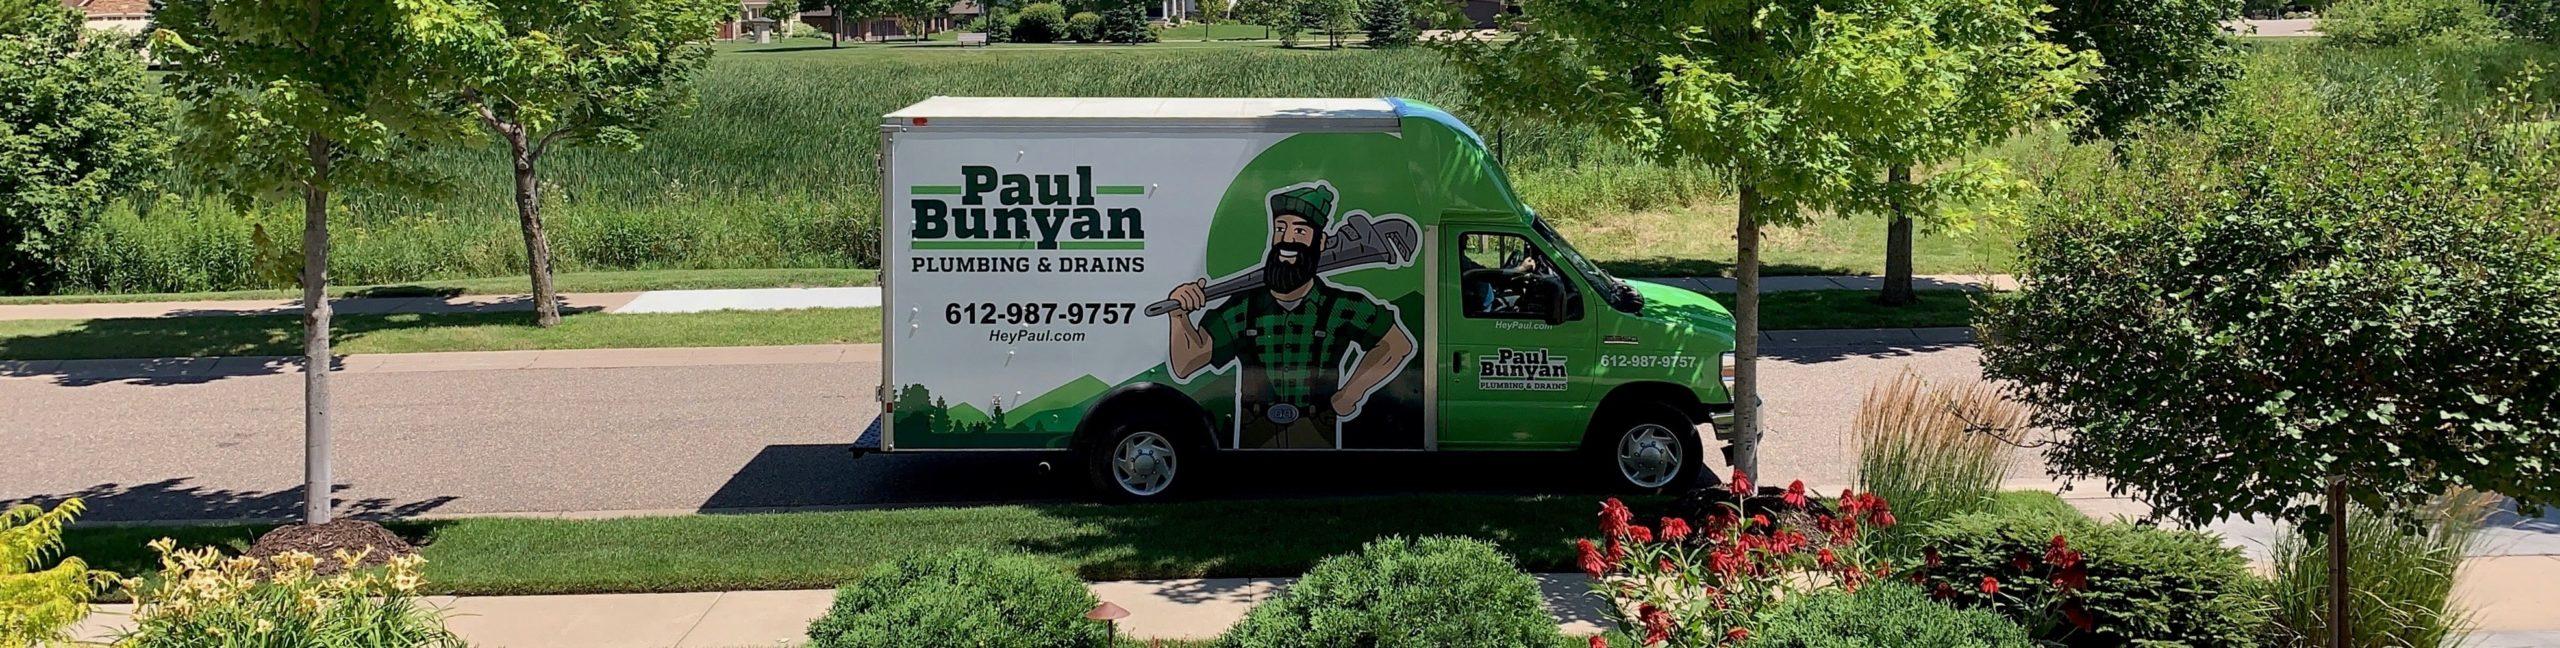 Paul Bunyan Plumbing And Drains